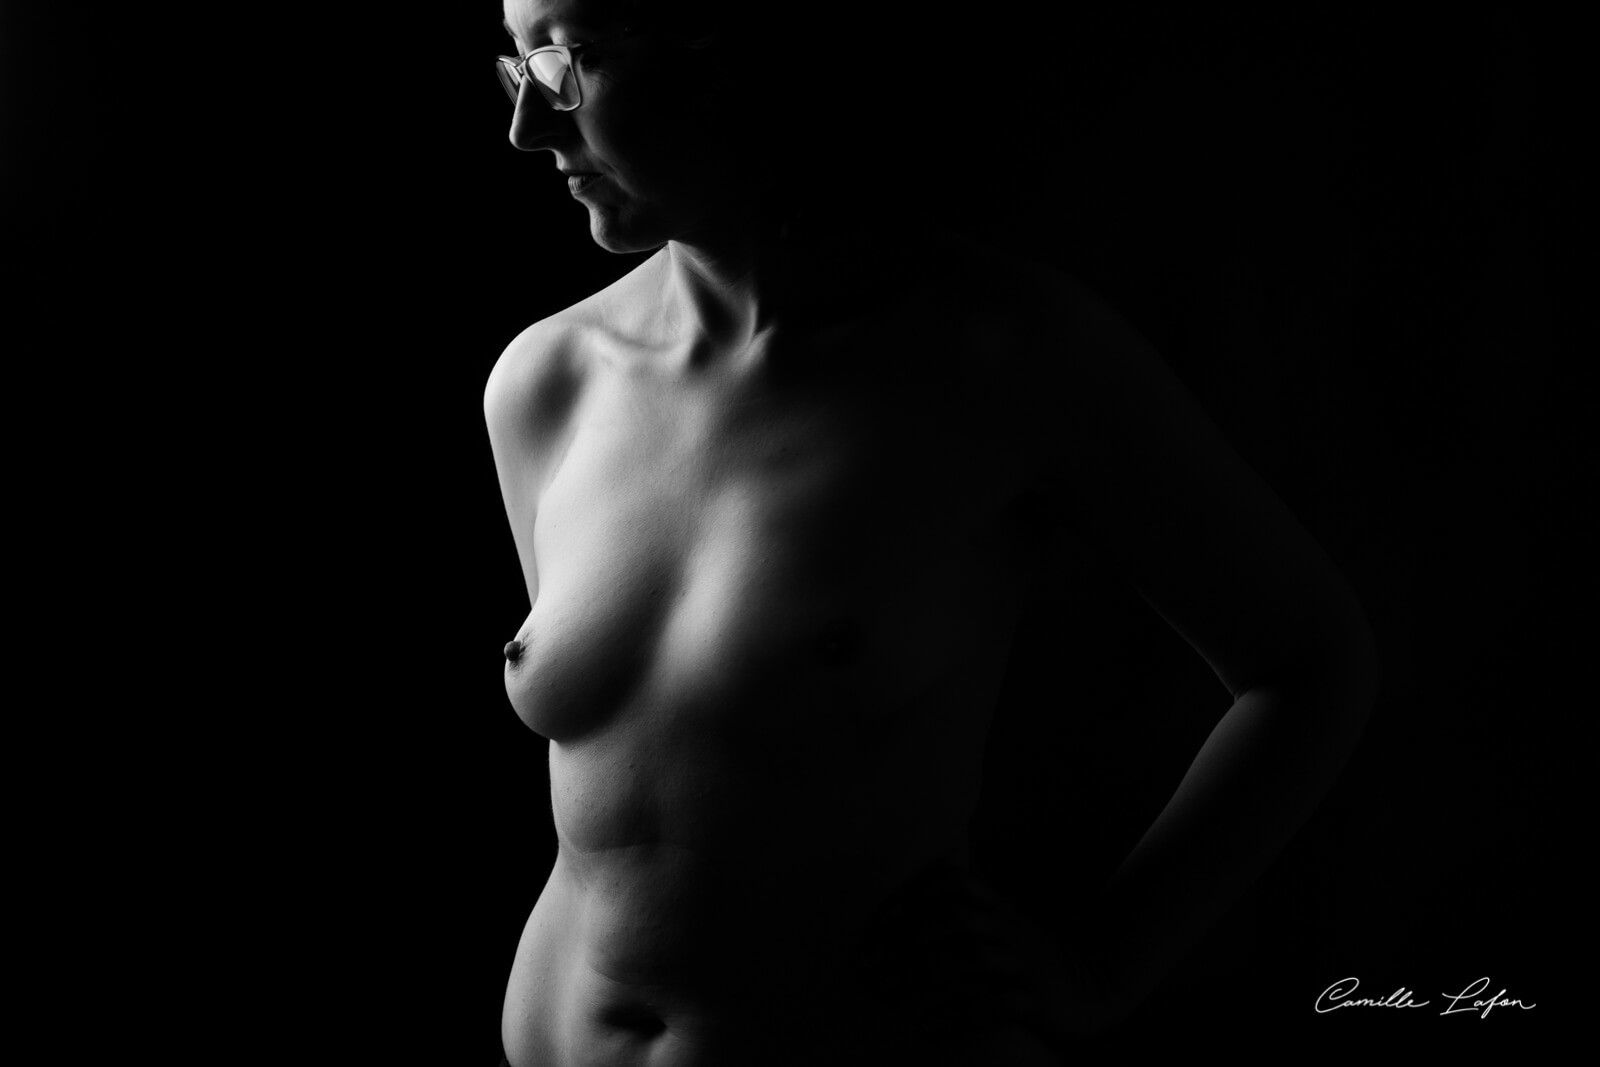 photographe montpellier portrait cancer sein octobre rose nu